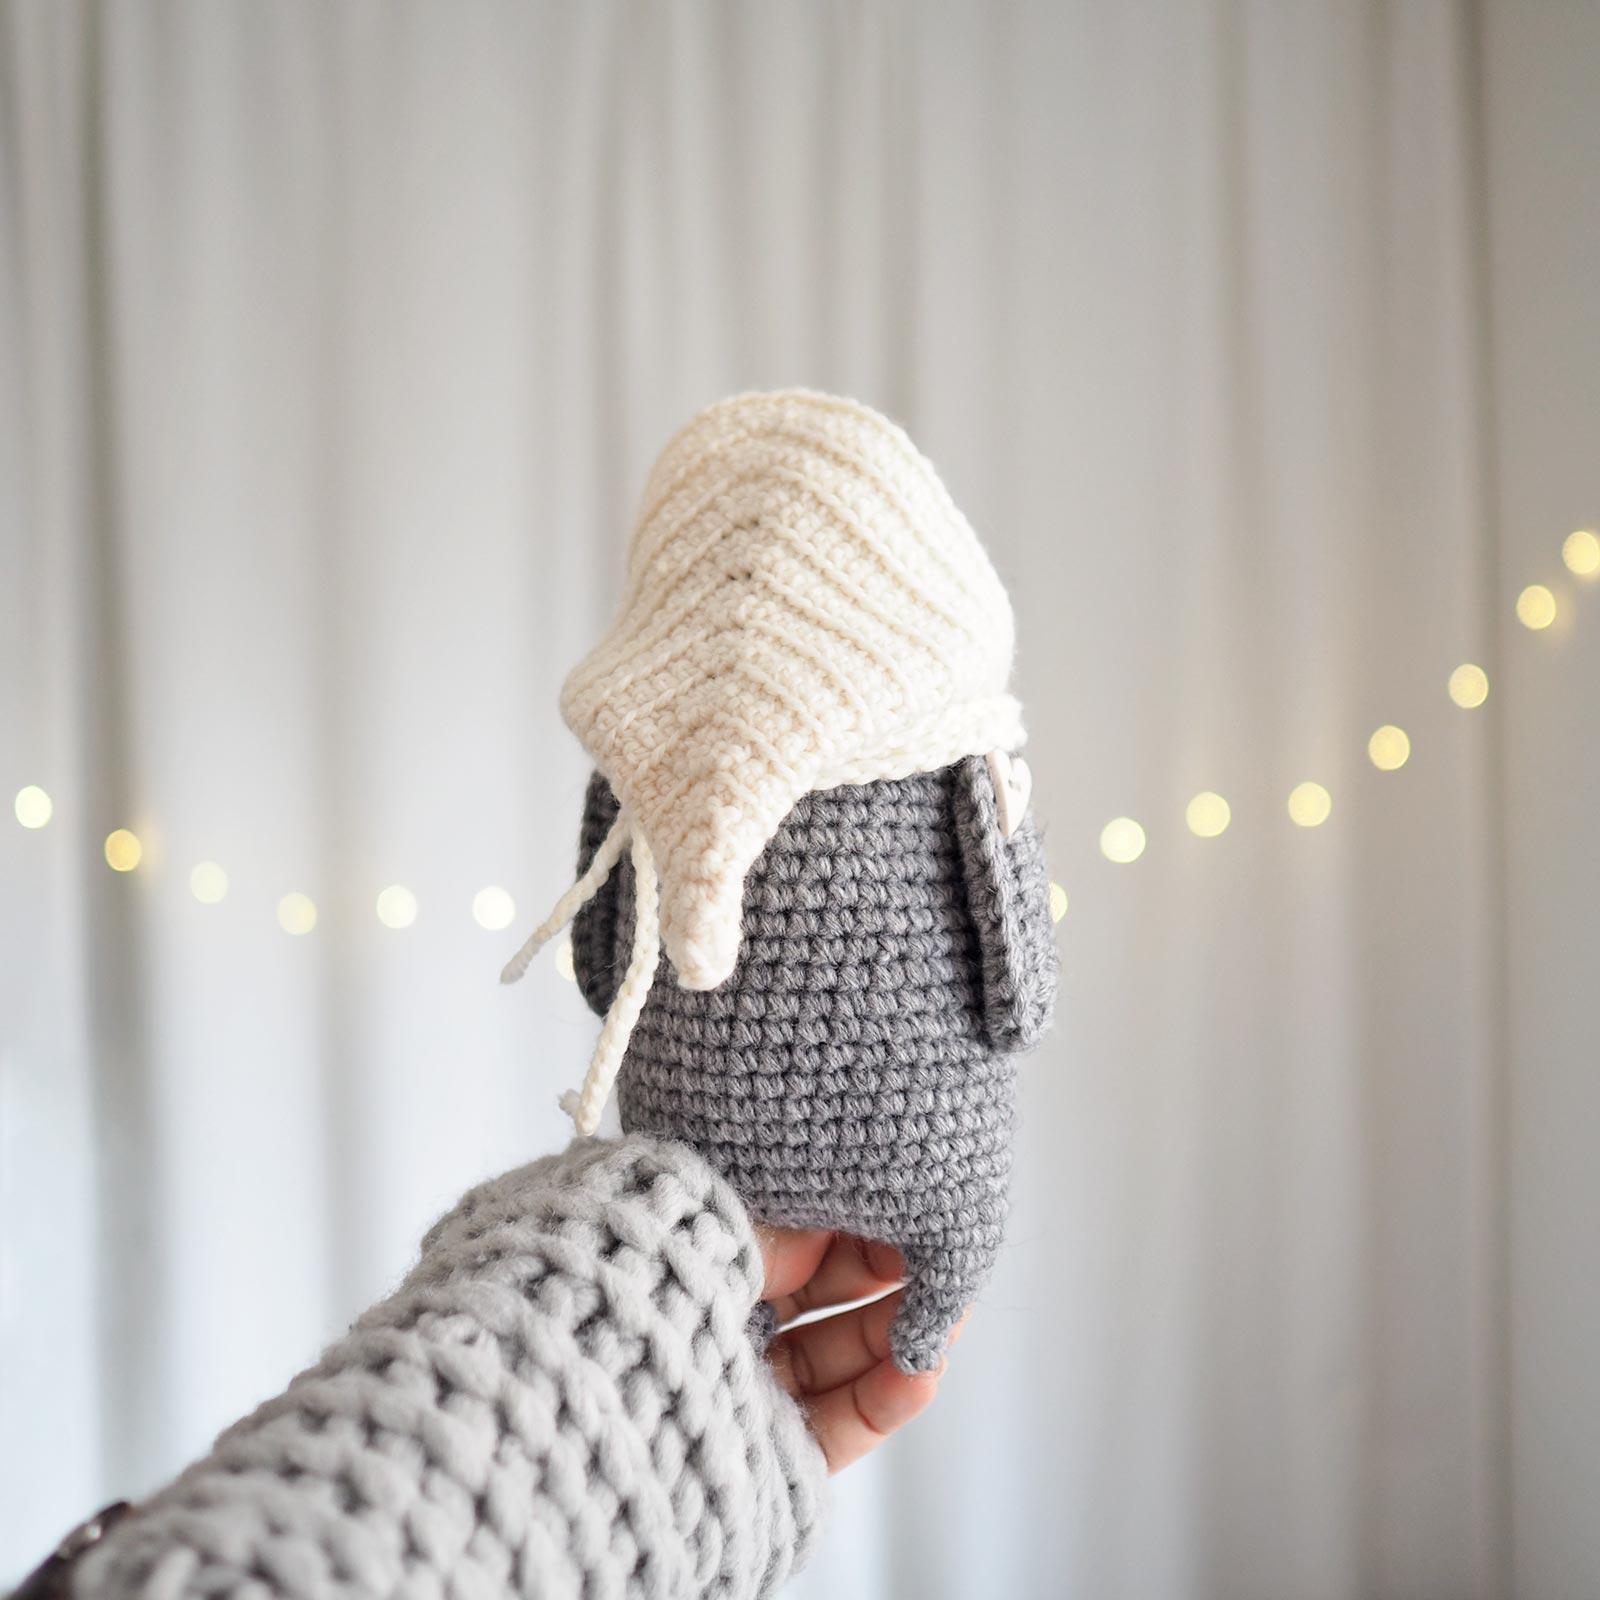 crochet chouette lutine capuche laine little owlet owl laboutiquedemelimelo